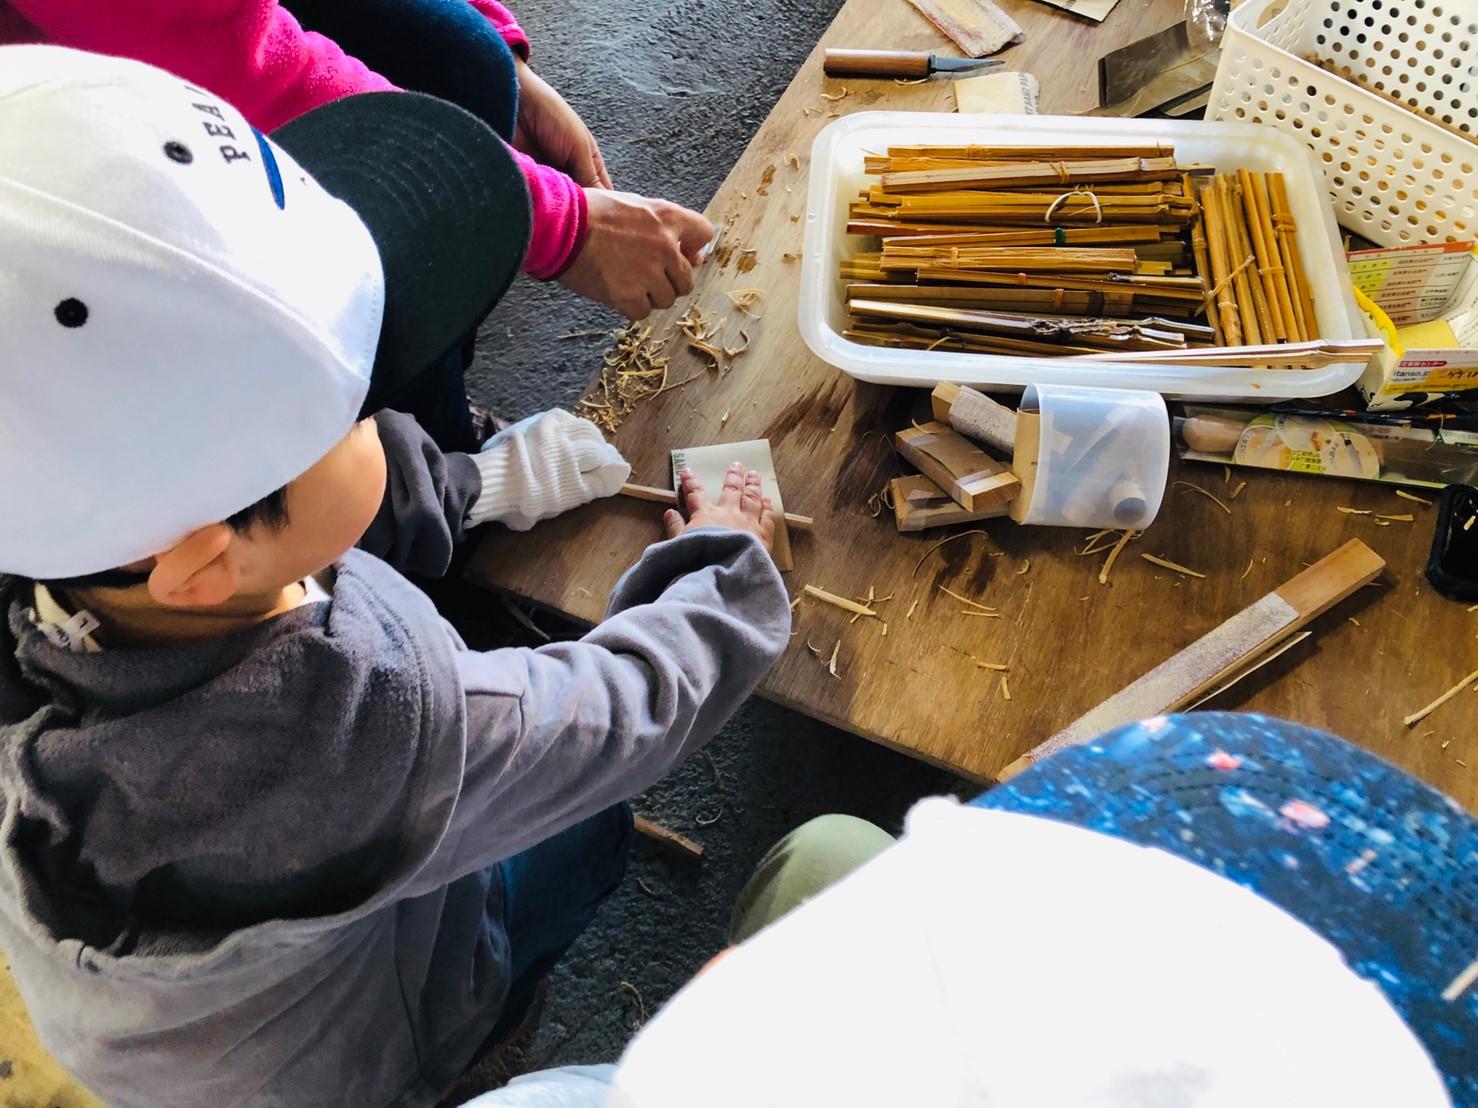 【地域プロジェクト】「能勢かほる キッズワークin里山~里山でお仕事、手作り、腹いっぱい~」体験レポート